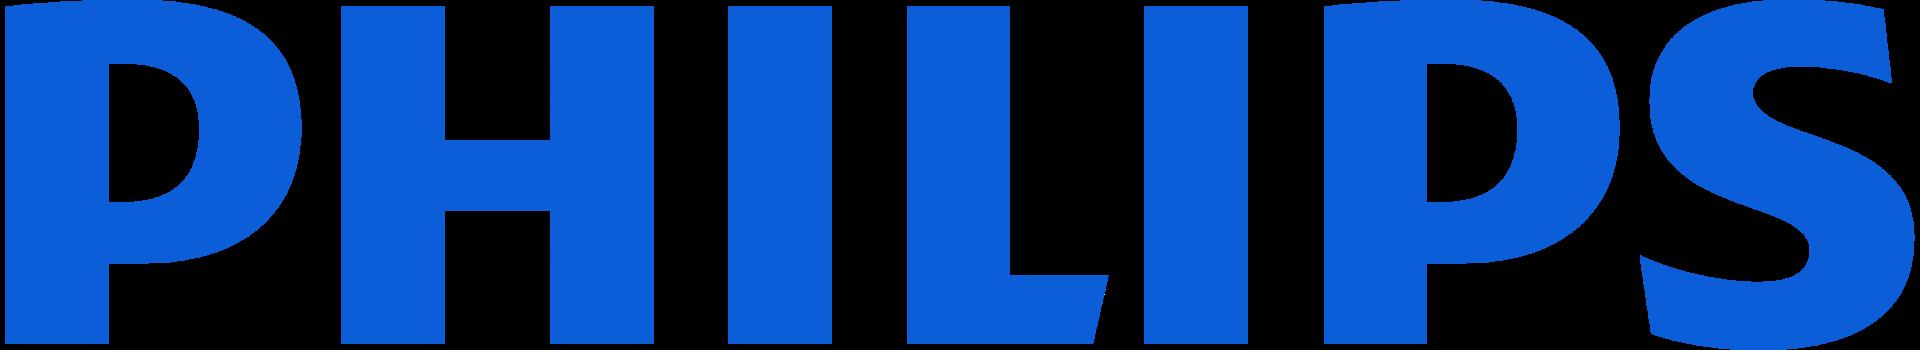 Philips HR ondersteuning